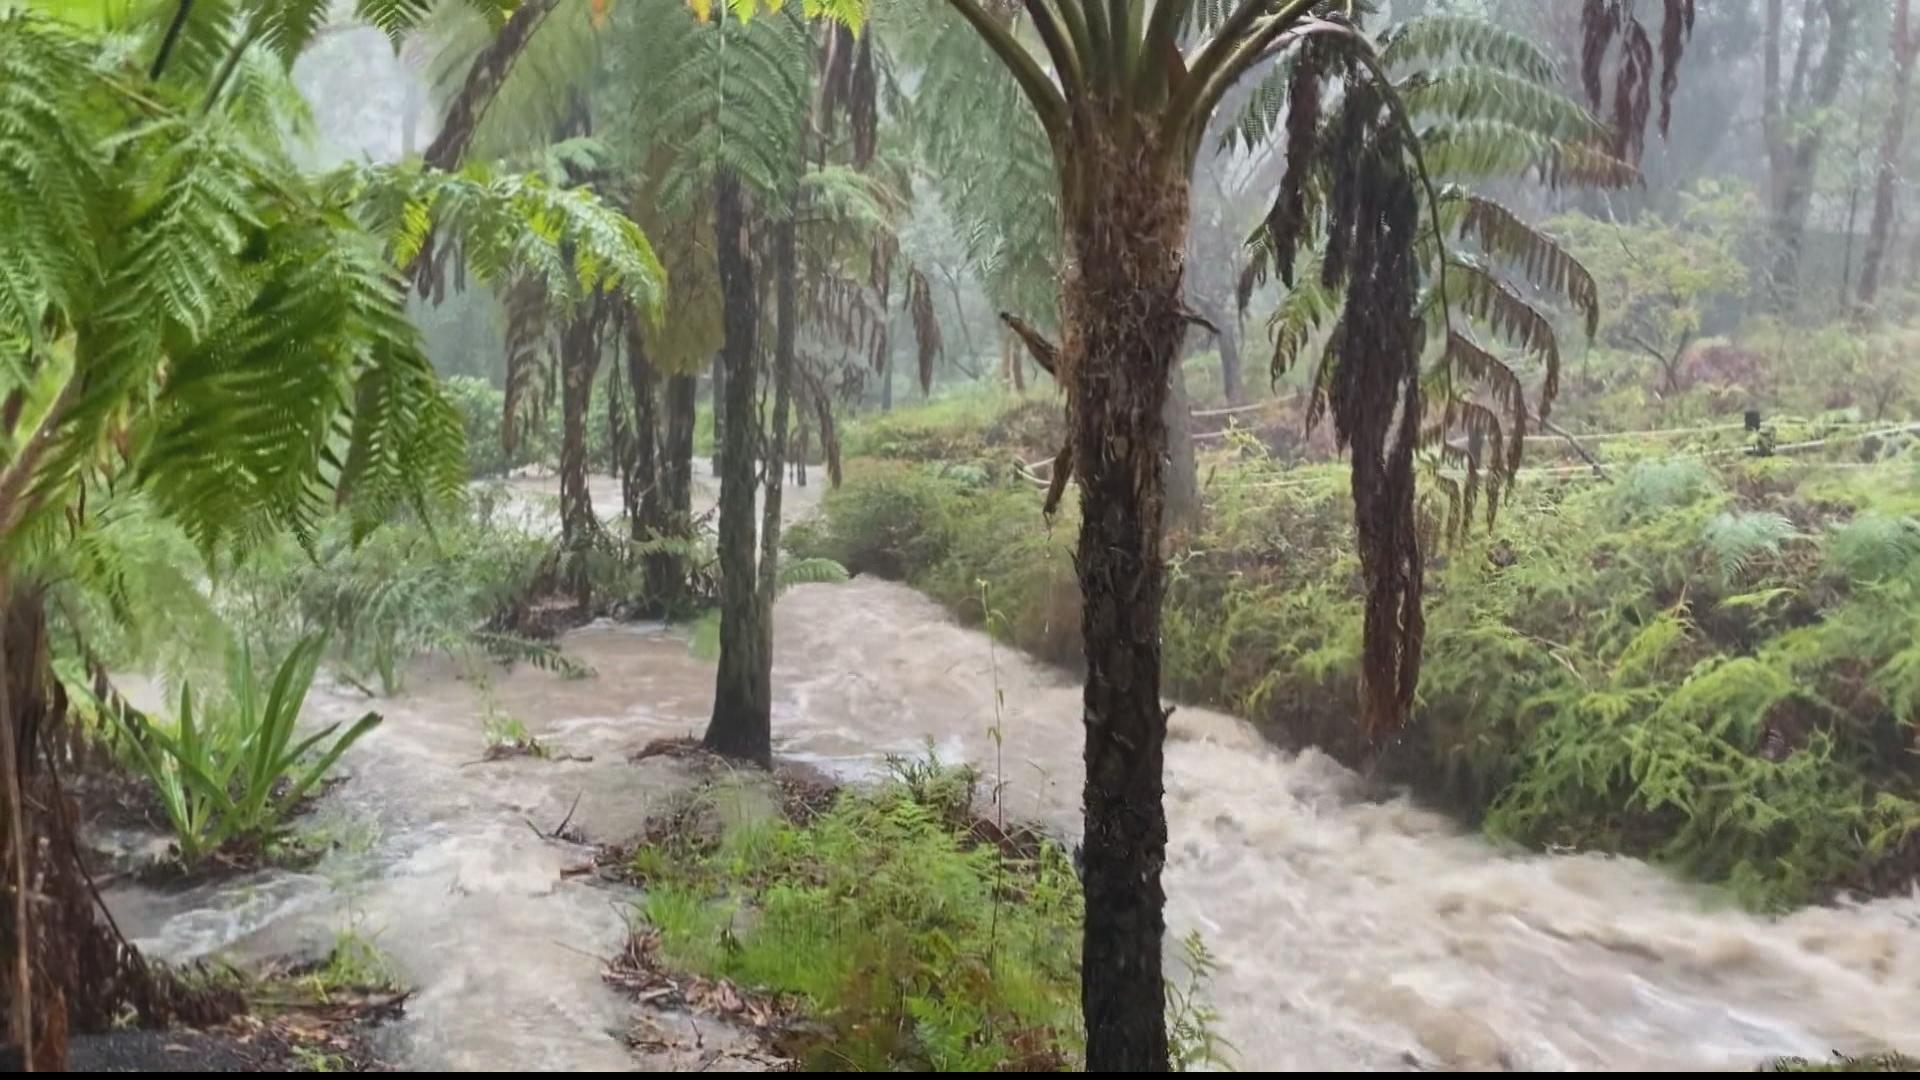 Severe floods in Australia after devastating bushfires